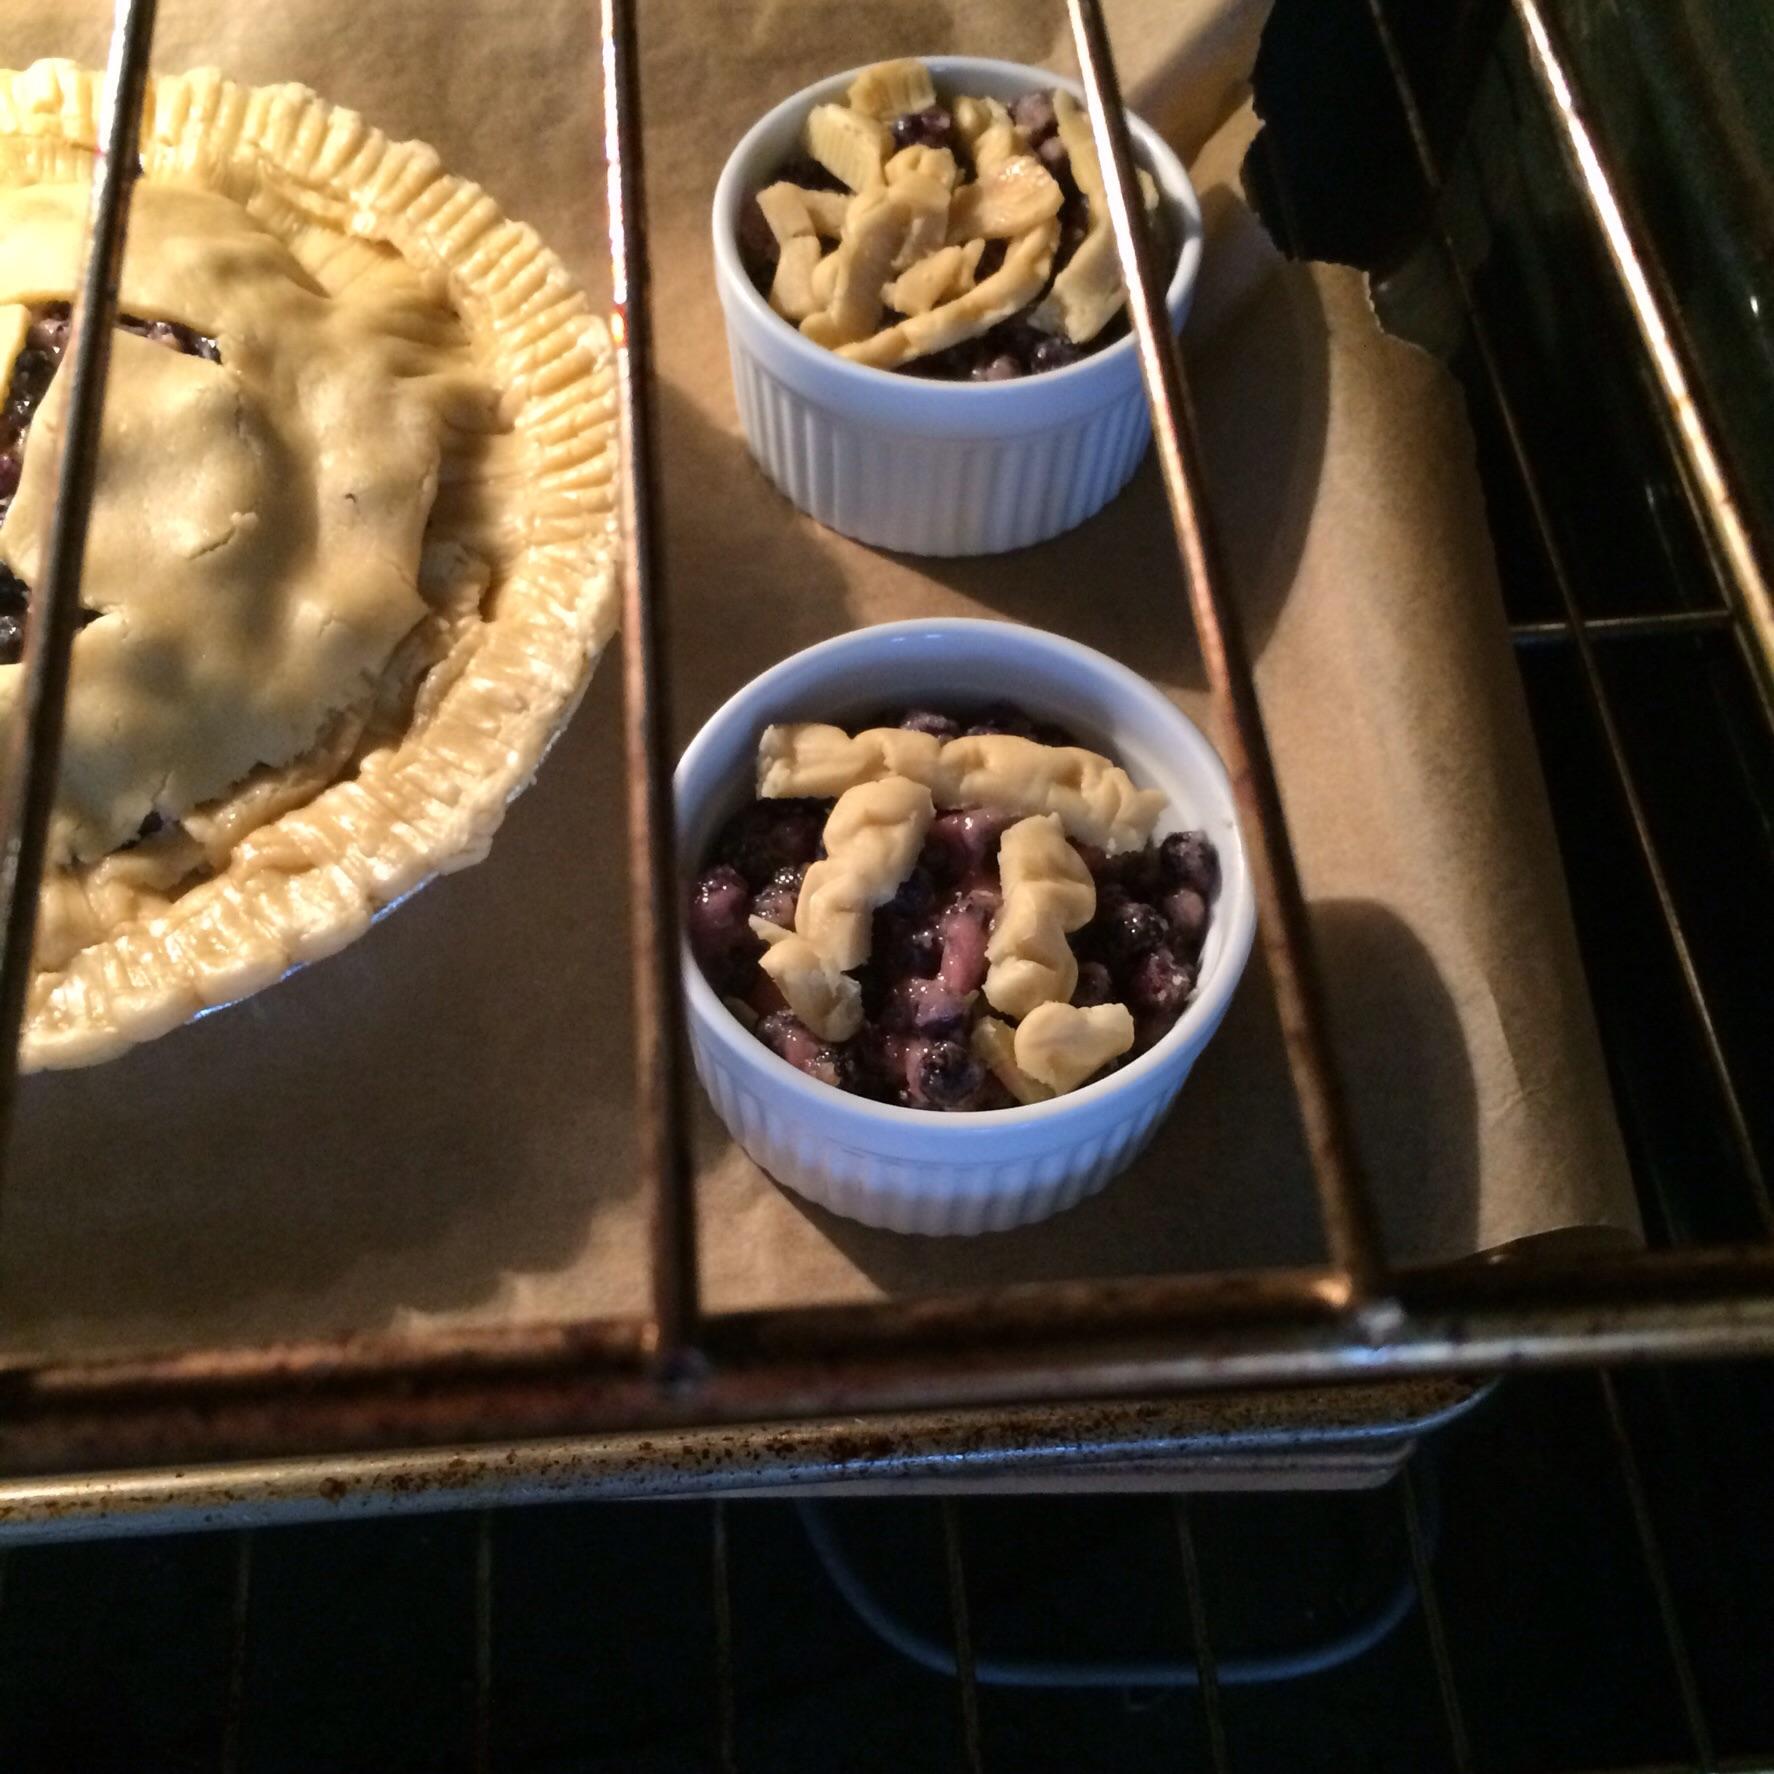 Mini pi pie in a ramekin